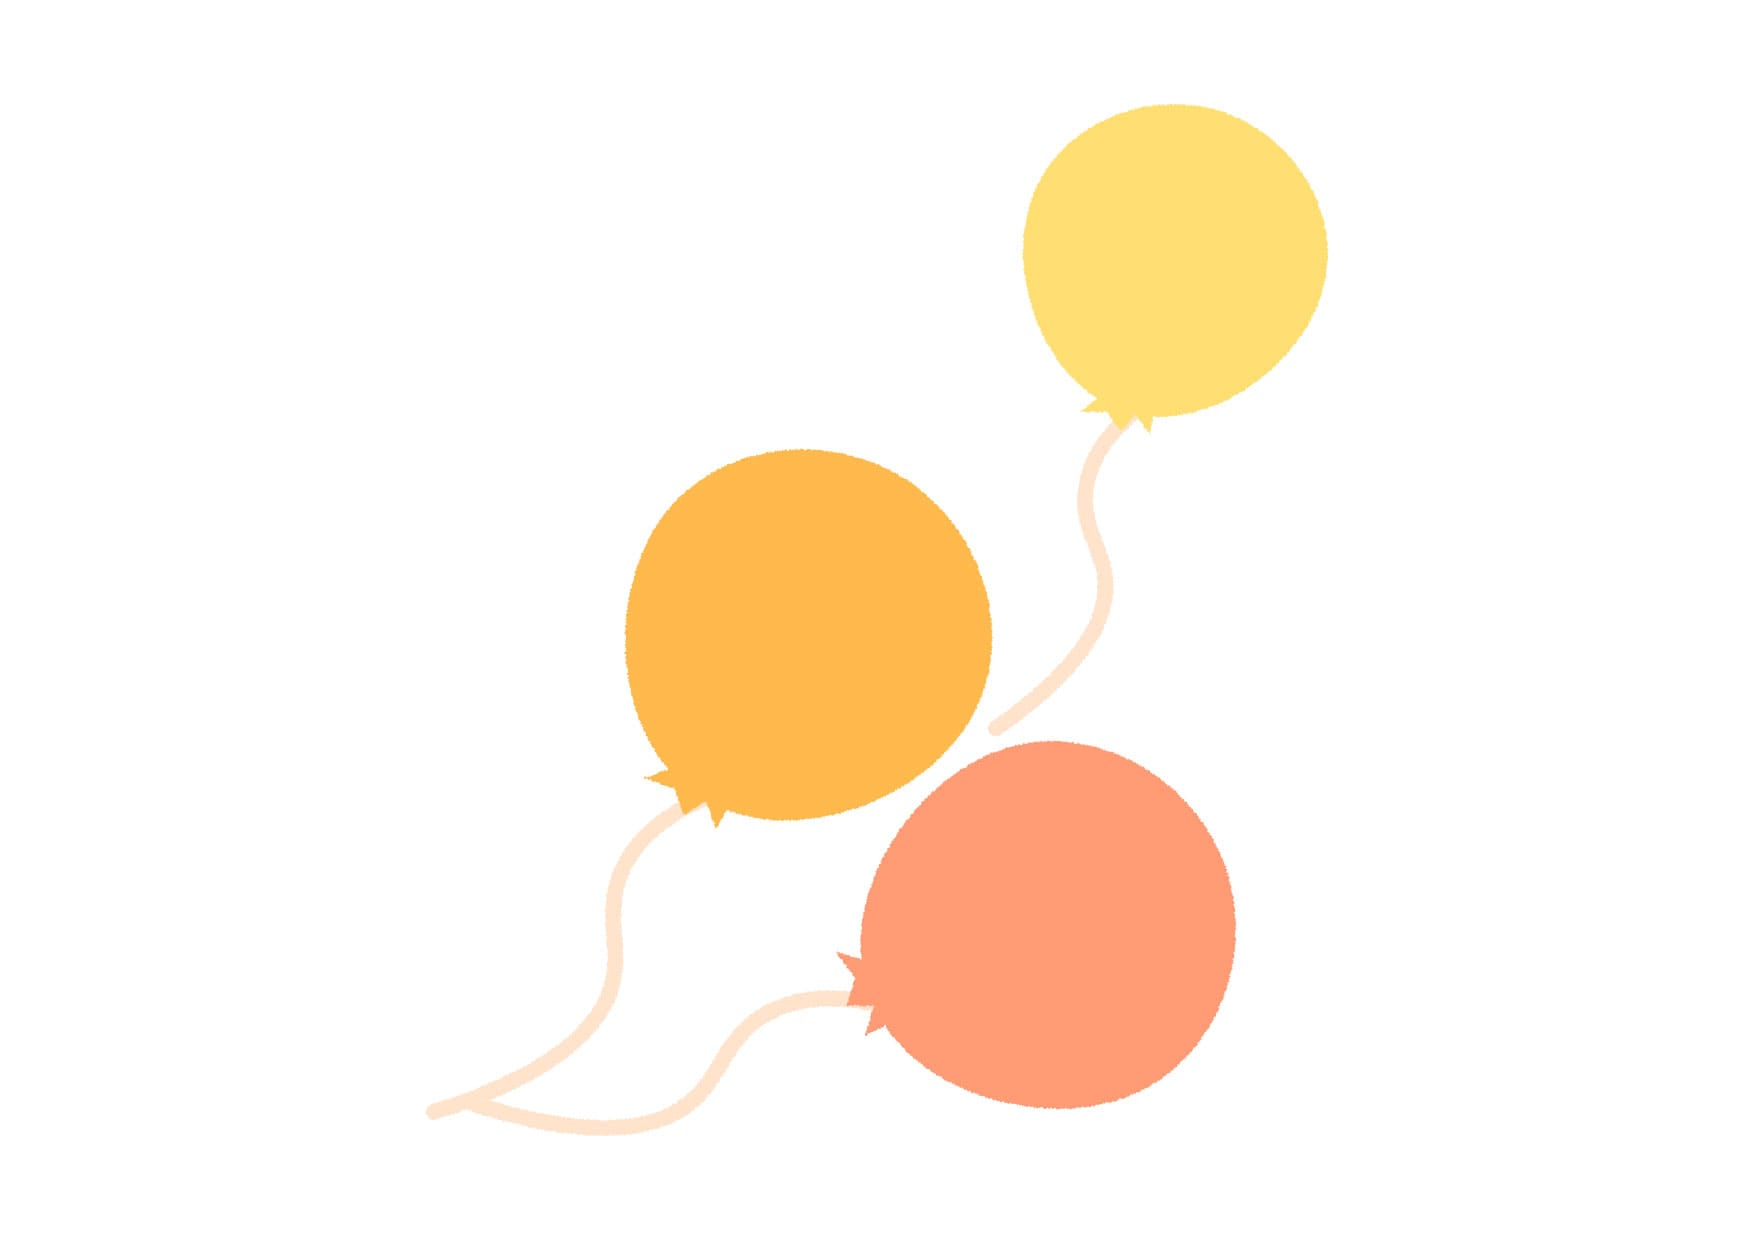 可愛いイラスト無料|風船 黄色 − free illustration Balloon yellow